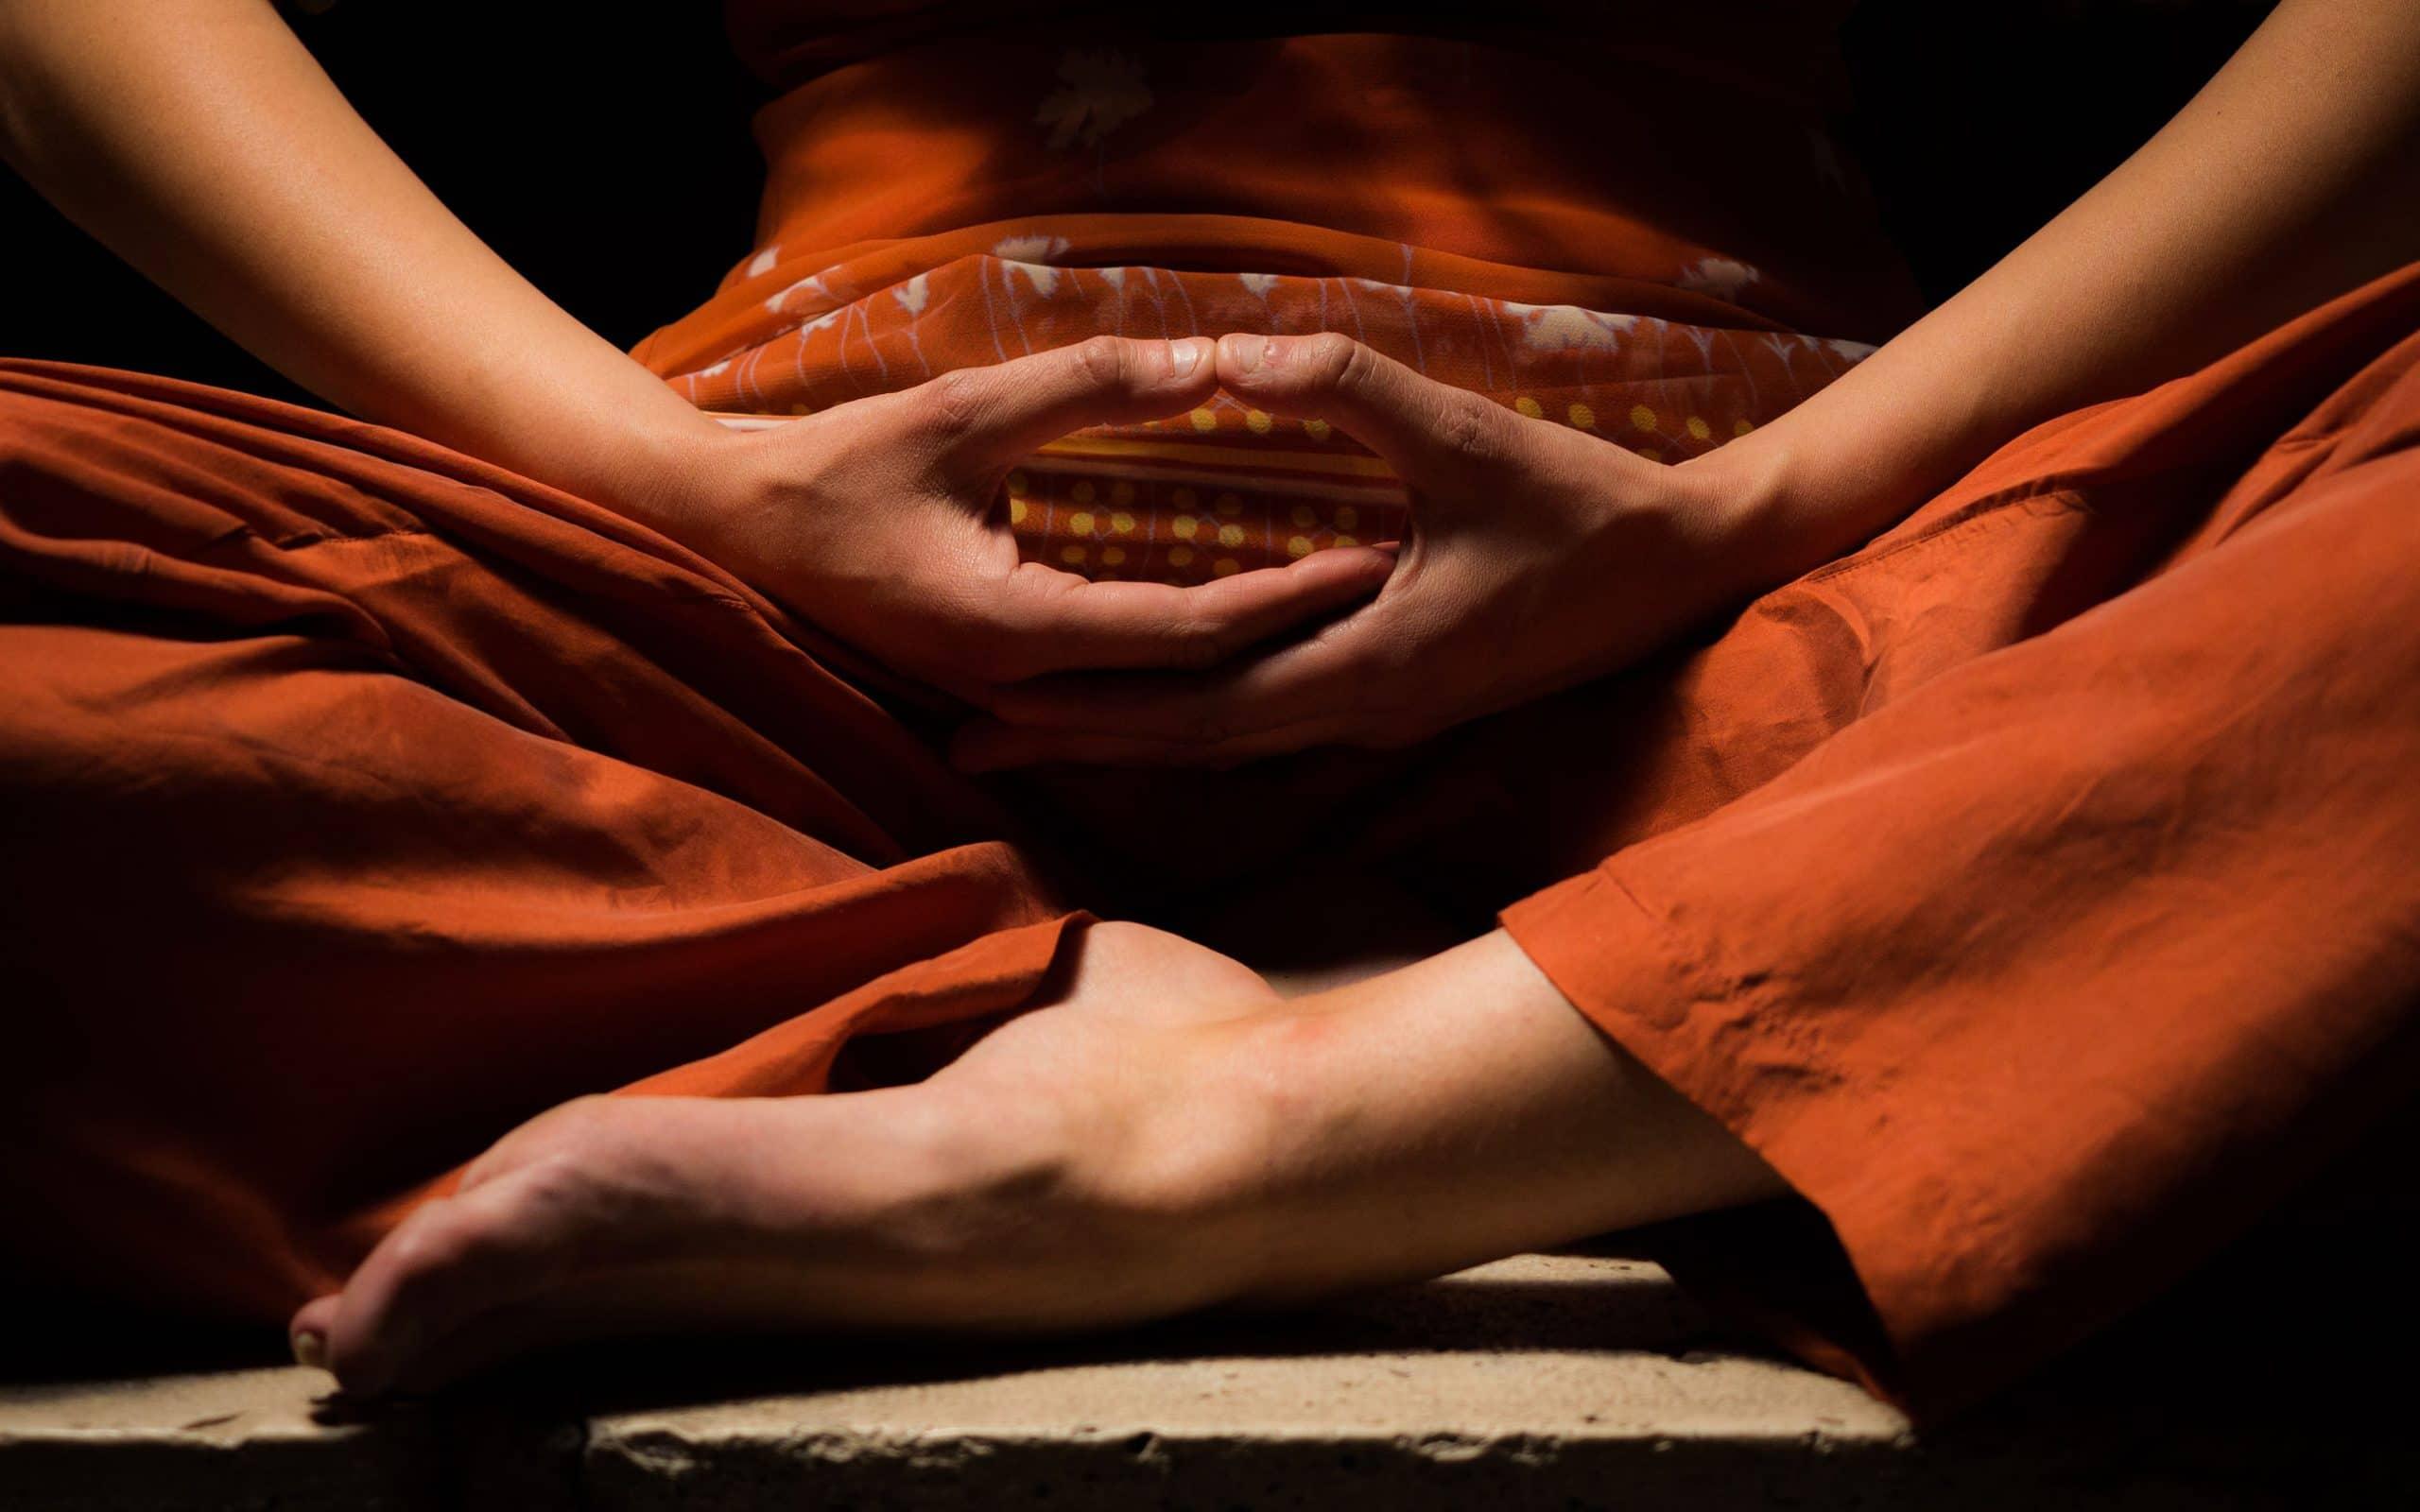 Tronco de alguém meditando. Conceito de Mindfulness.